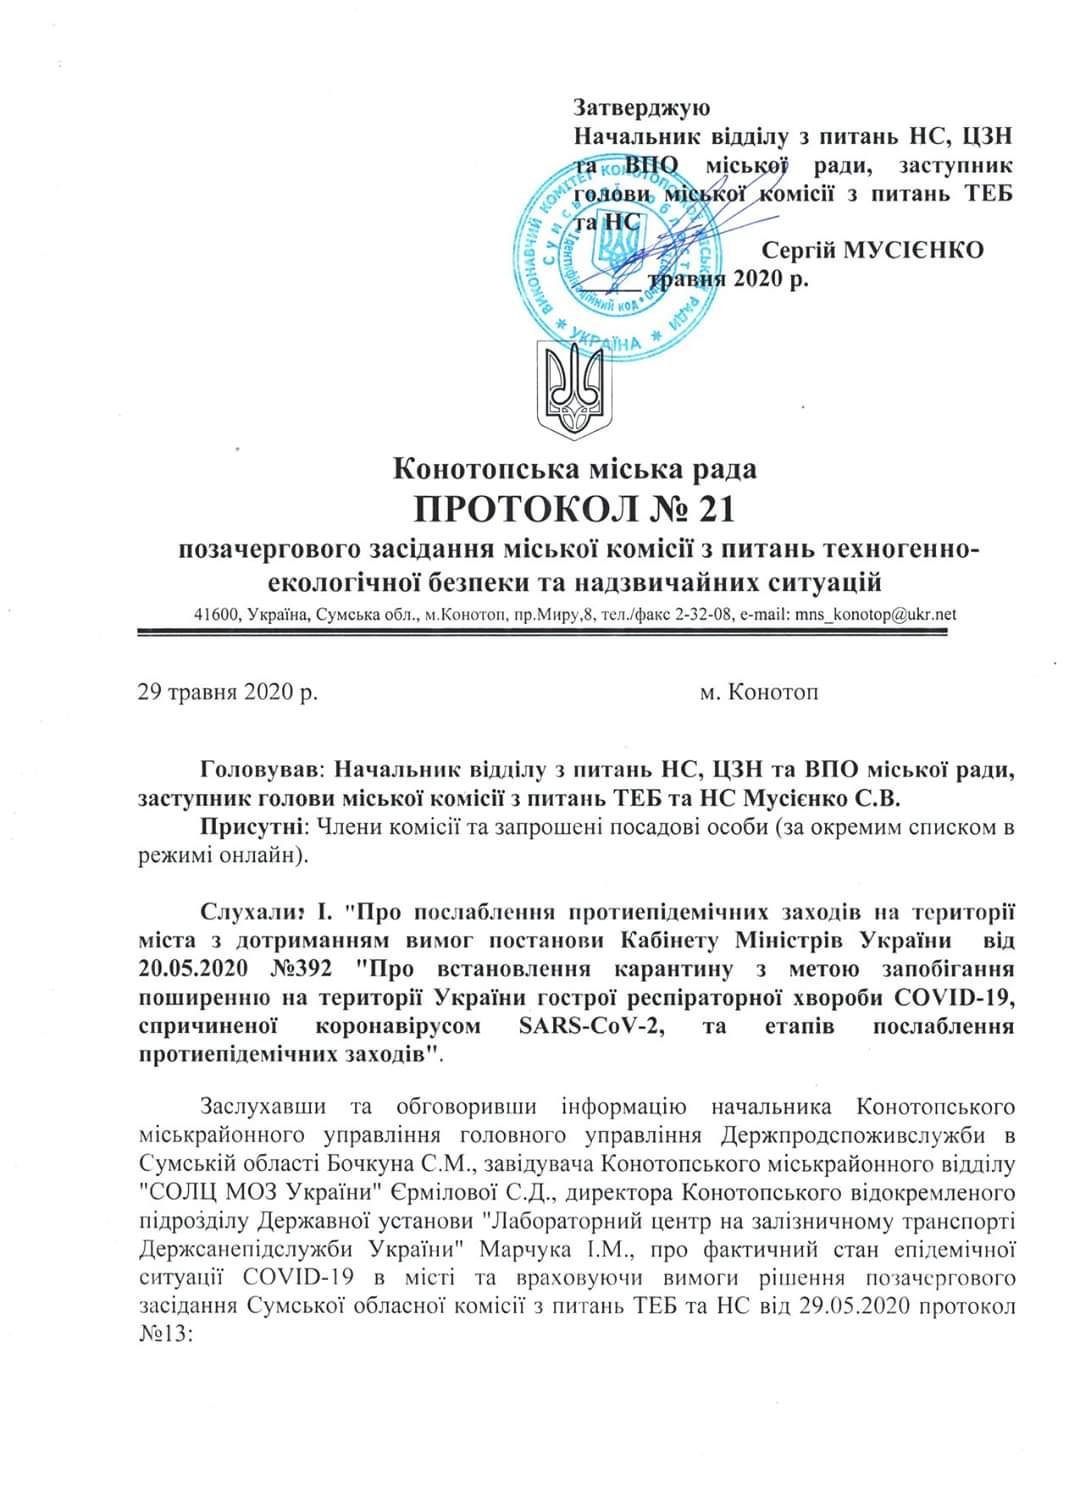 Рішення комісії з питань ТЕБ та НС щодо відновлення роботи ІРЦ